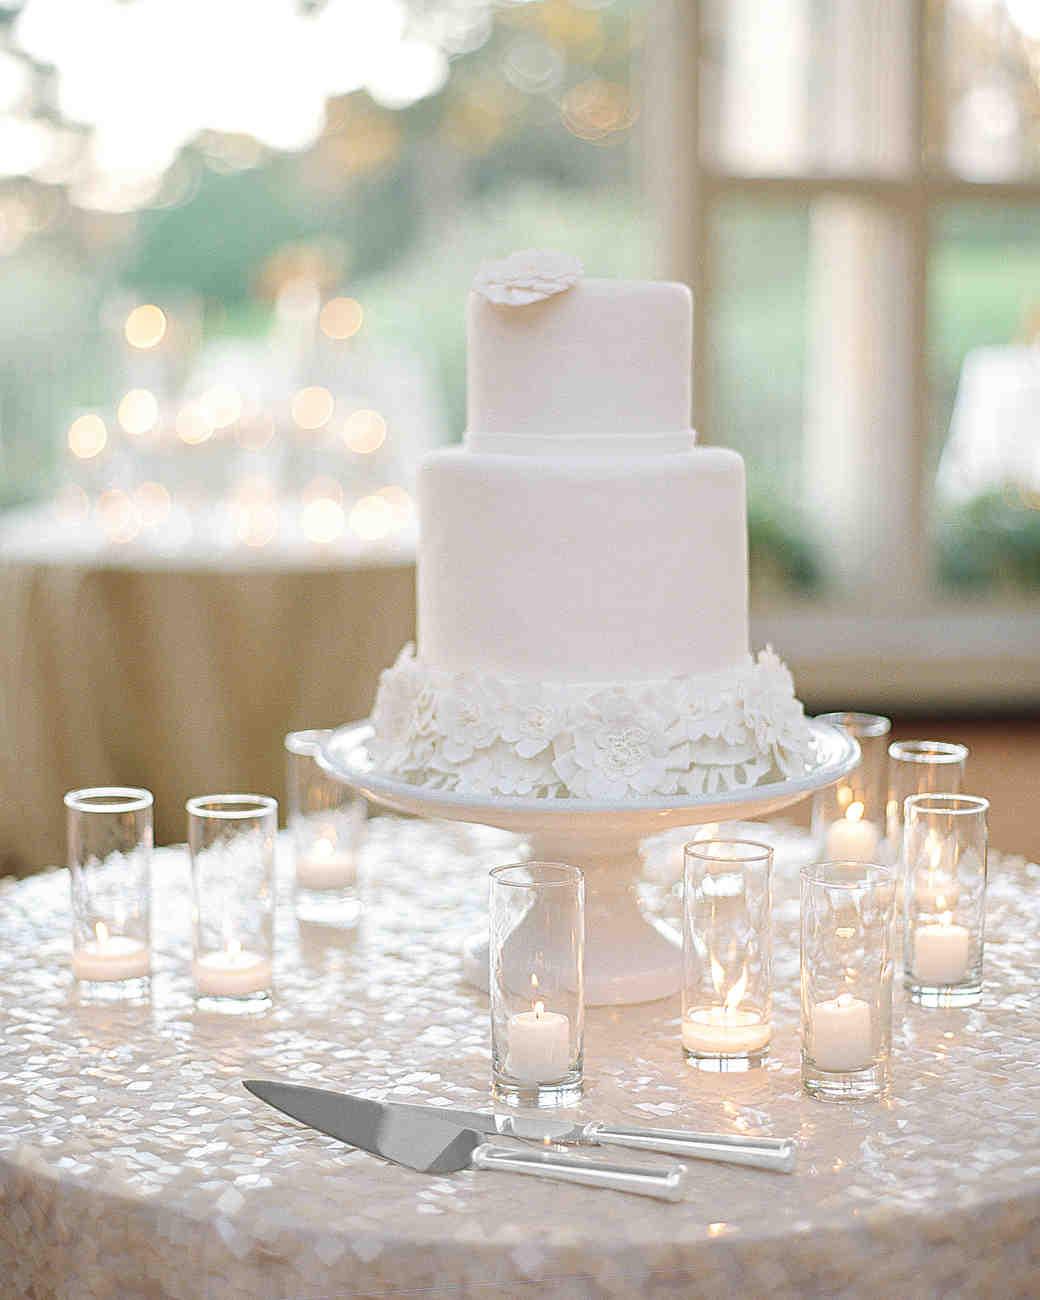 wedding-cake-votive-candle-elizabeth-messina-021-mwds110806.jpg